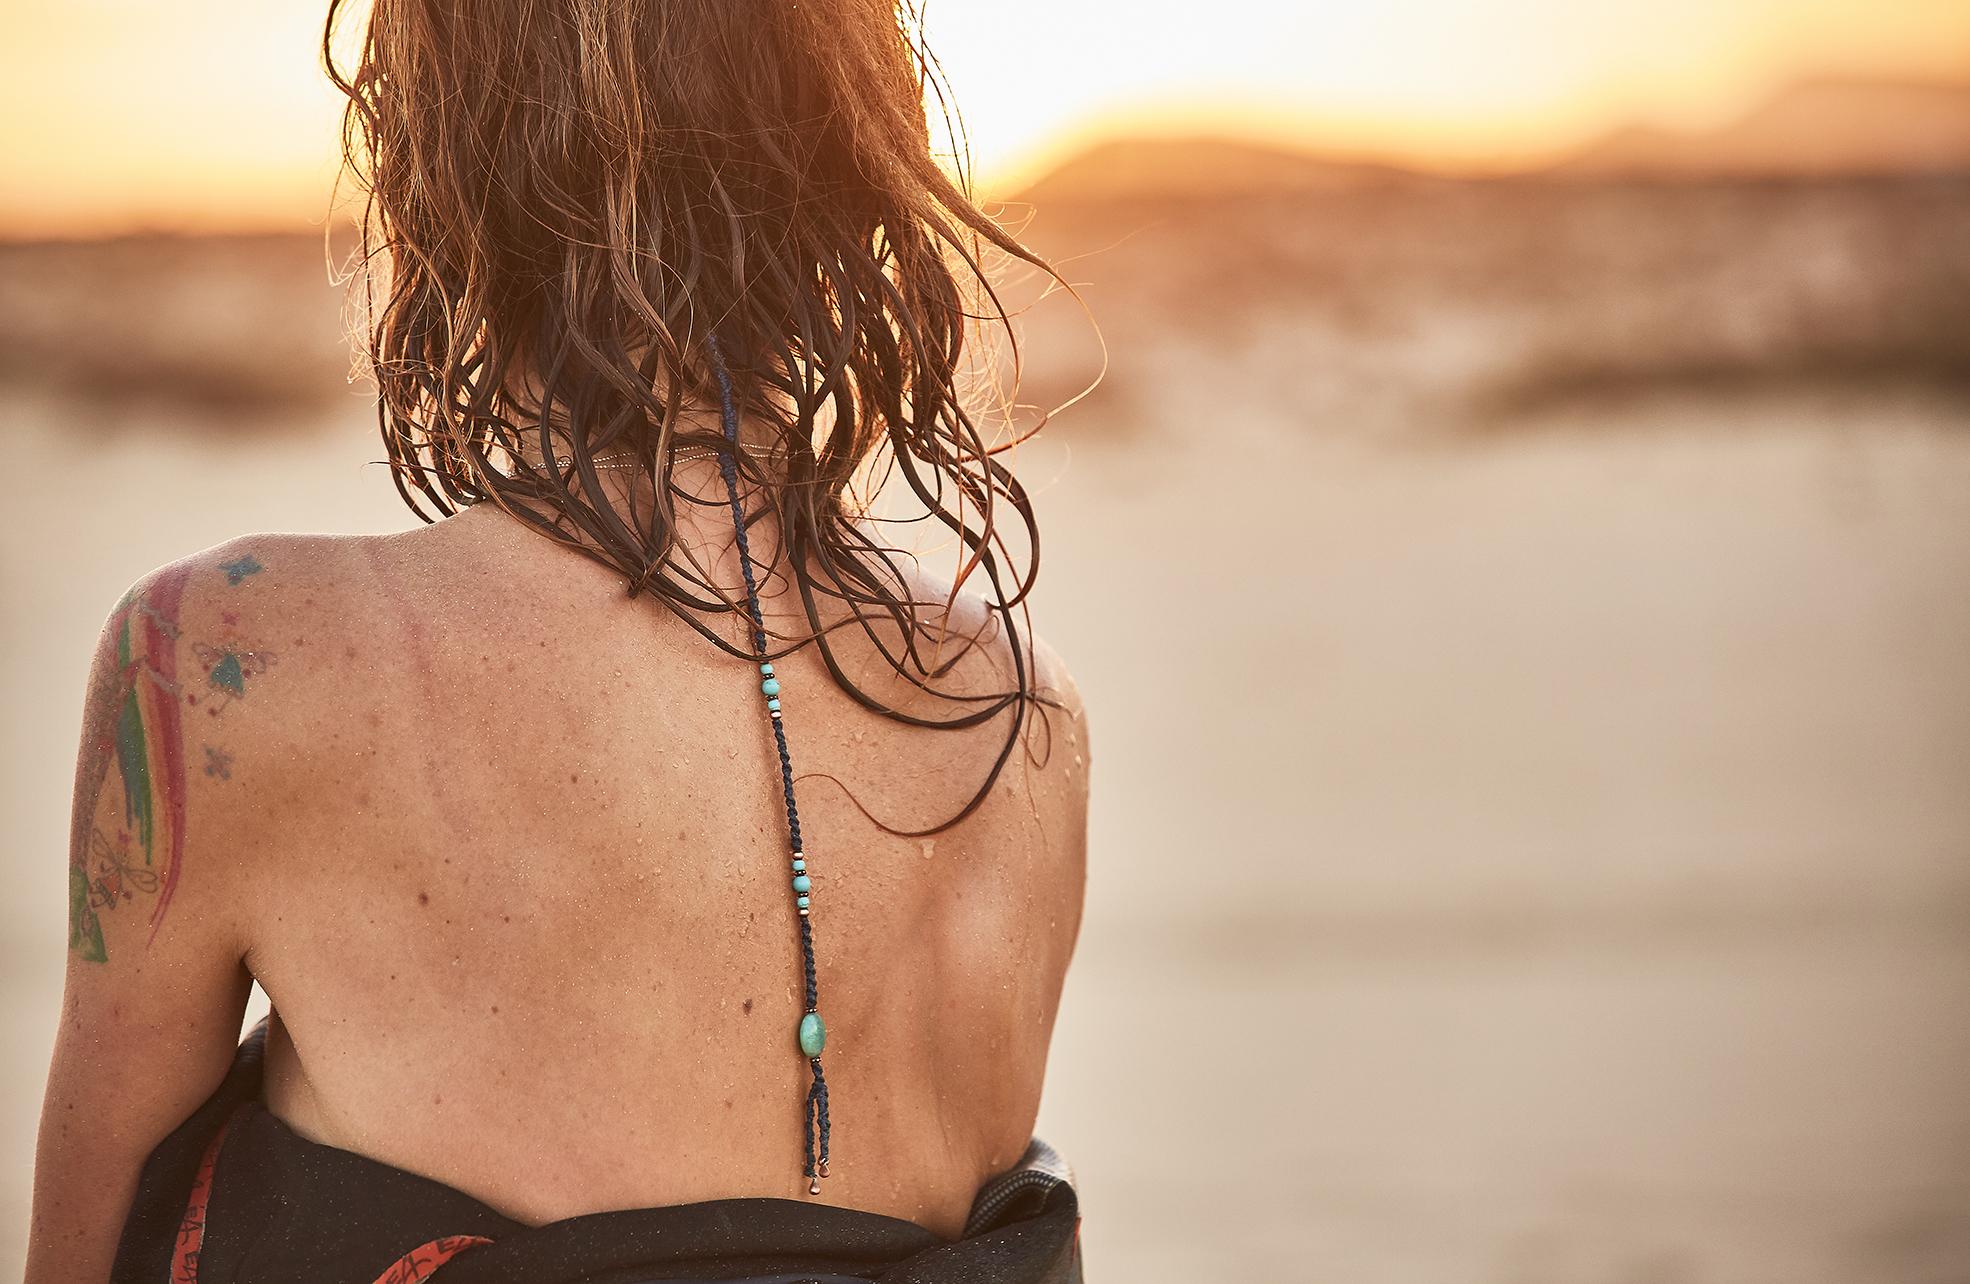 female surfer at sunset